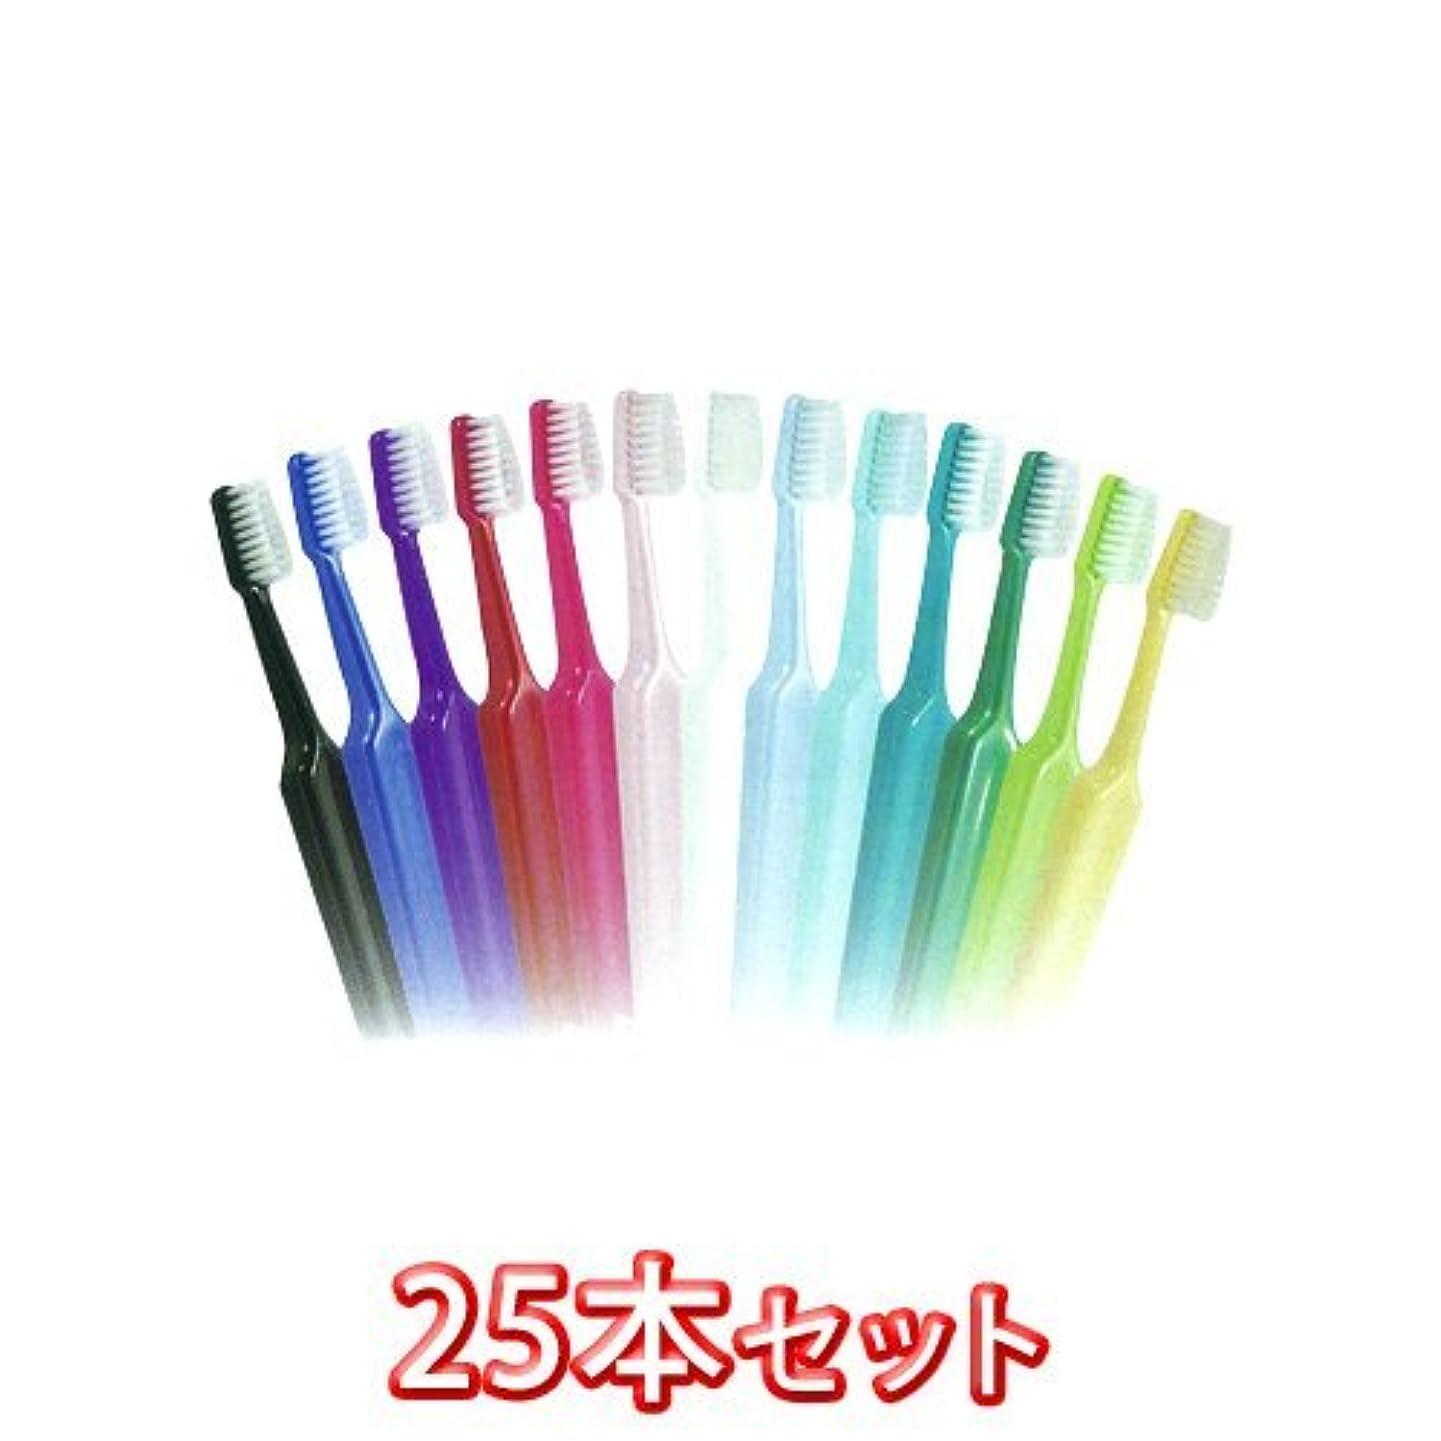 フォローアスリートオアシスTePeテペセレクトコンパクト歯ブラシ 25本(コンパクトエクストラソフト)